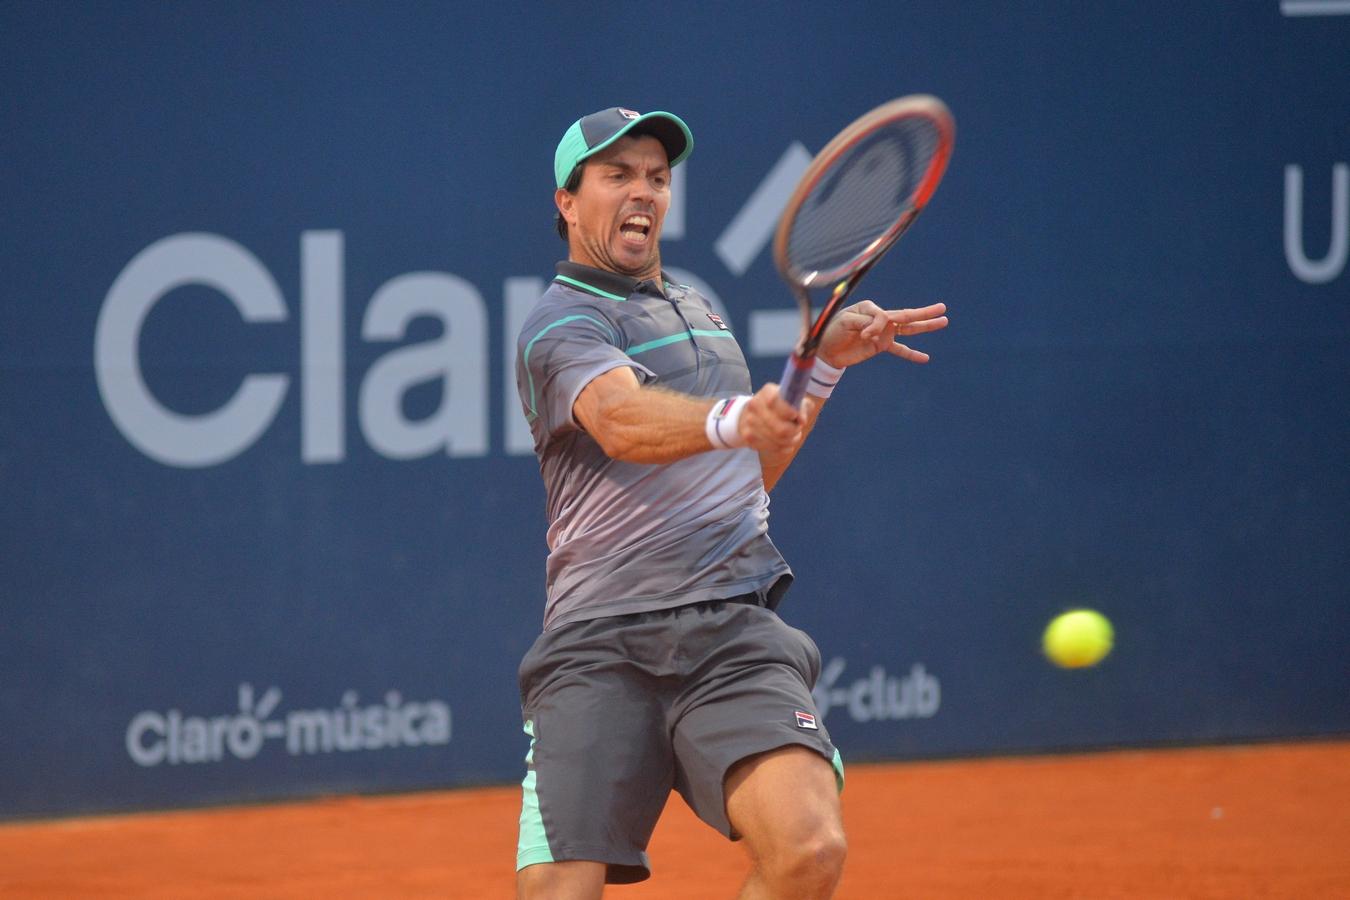 Foto: Prensa Uruguay Open/Gastón Montero